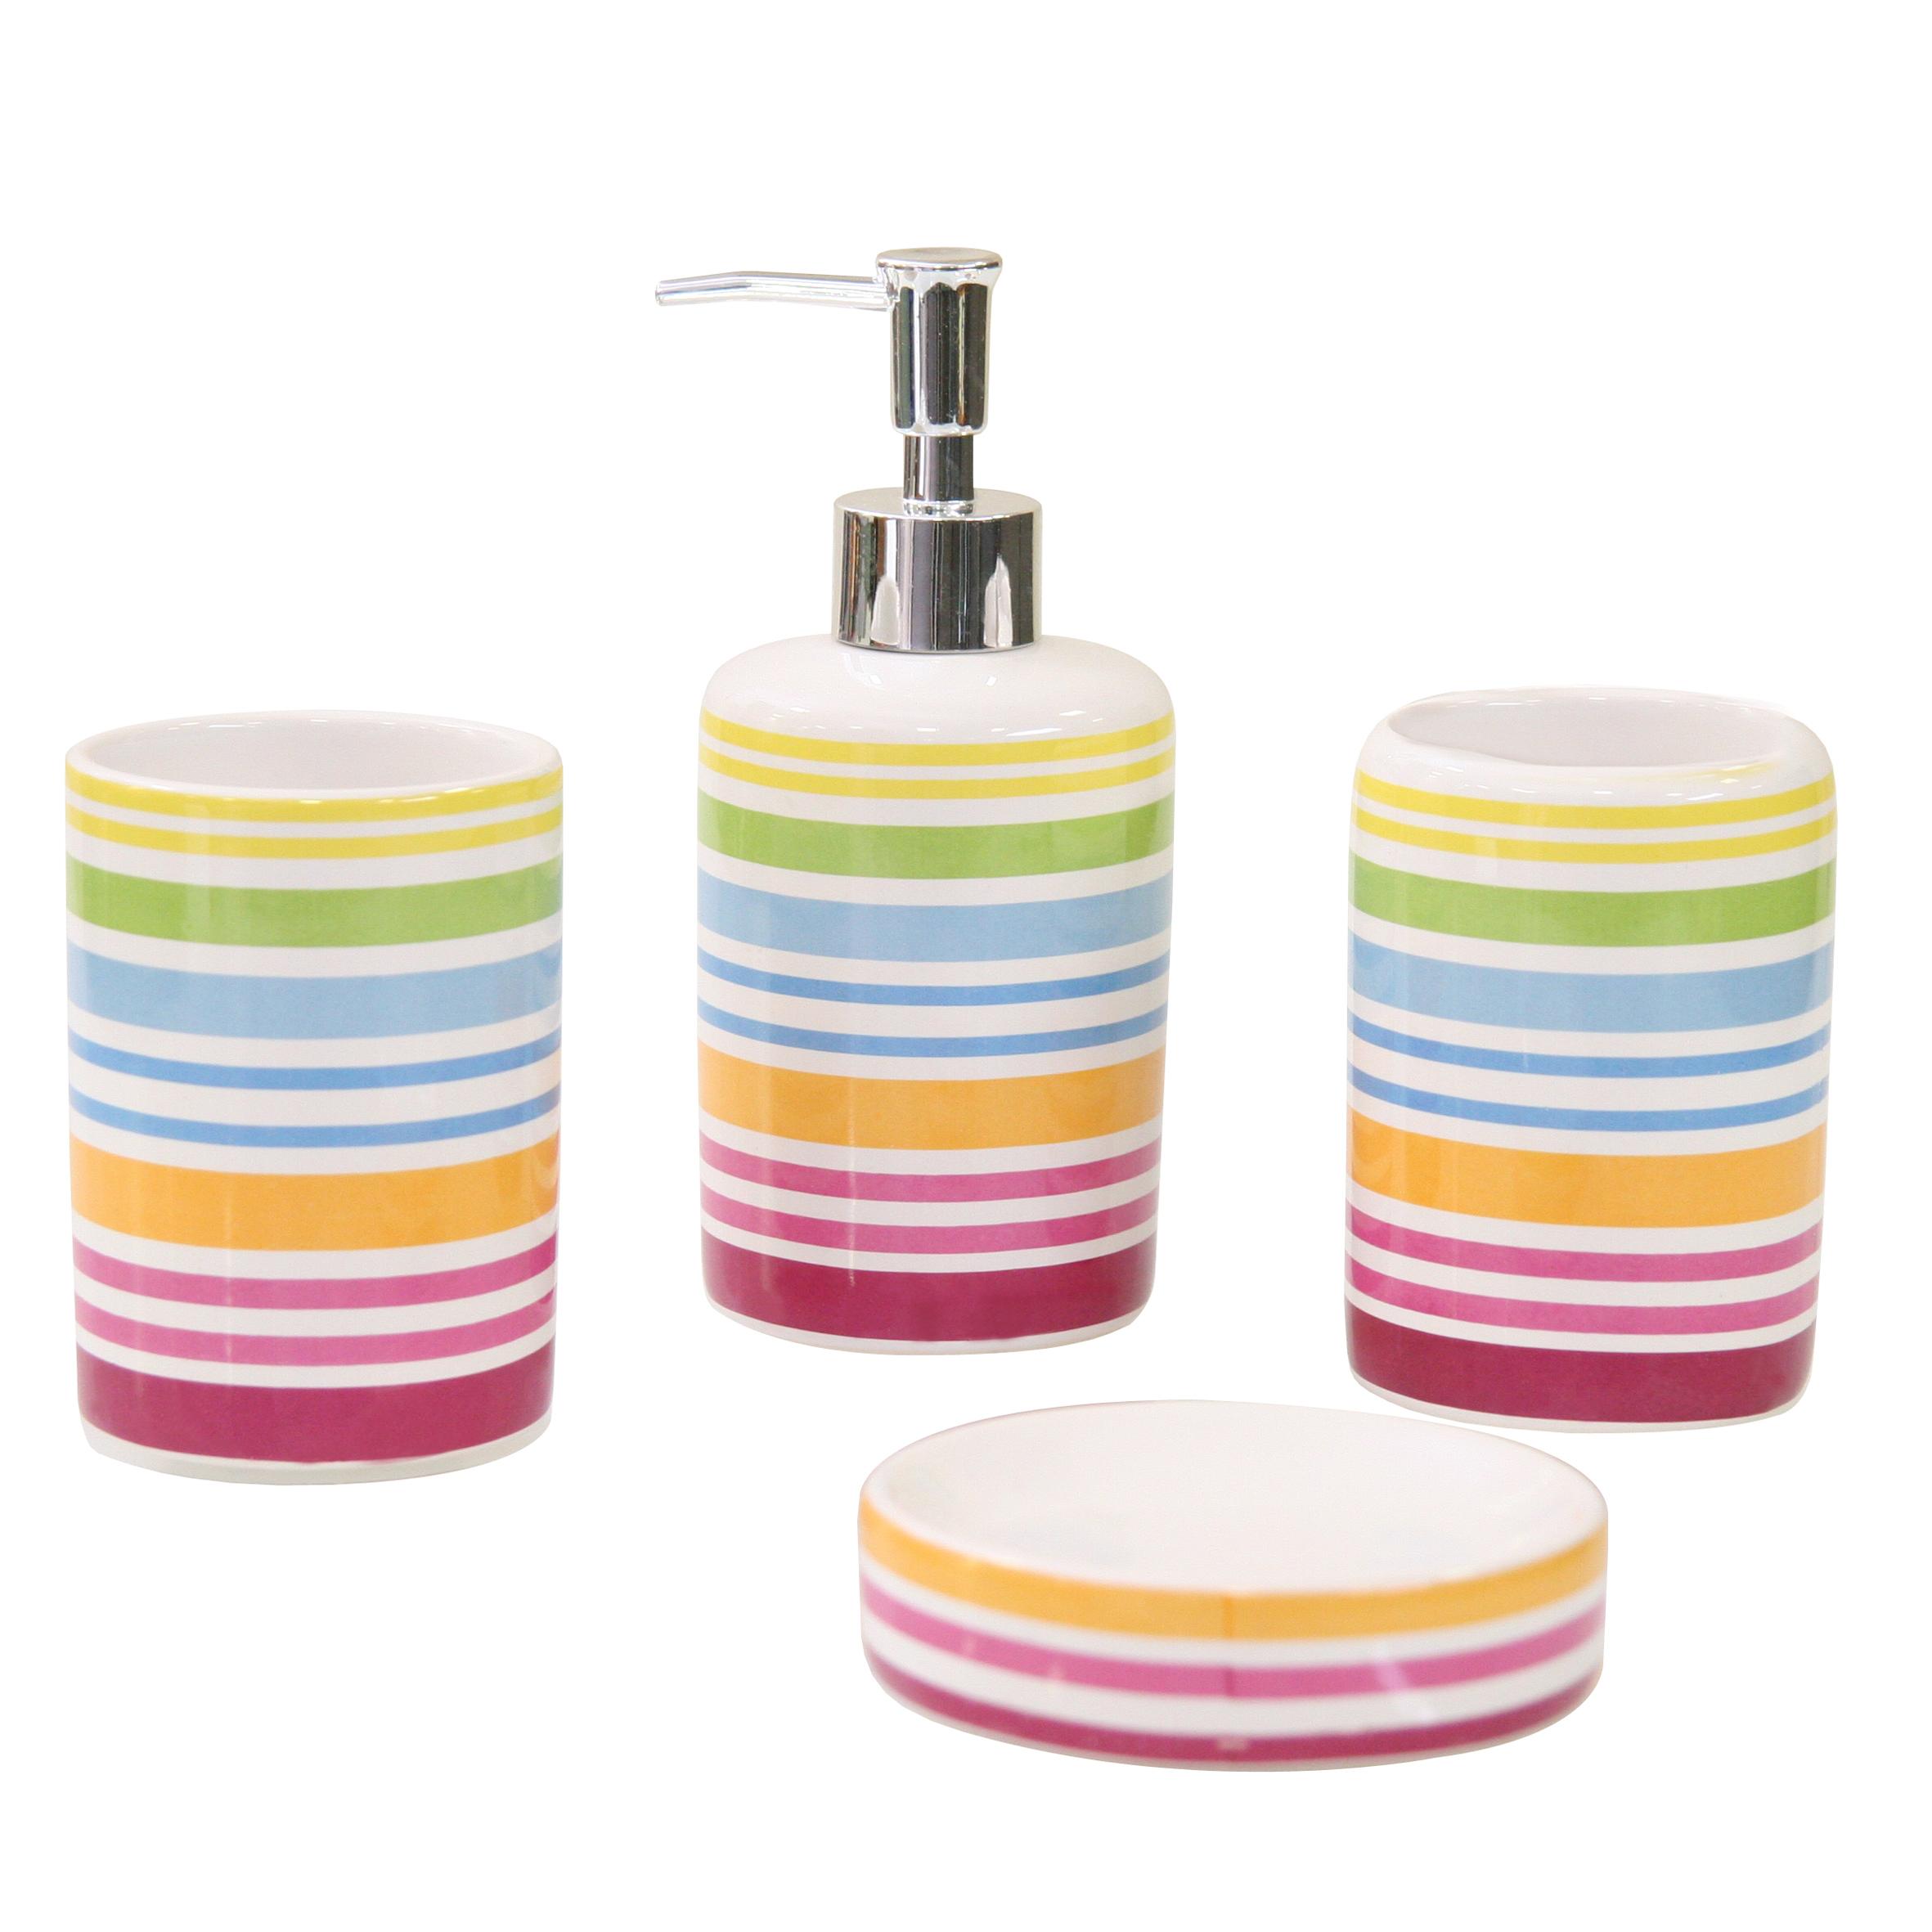 Набор для ванной комнаты Axentia Rio, 4 предмета282460Набор для ванной комнаты Axentia Rio, выполнен из натуральной и элегантной керамики, состоит из стакана для зубных щеток, дозатора для жидкого мыла и мыльницы. Изделия декорированы яркими полосками. Аксессуары, входящие в набор Axentia Rio, выполняют не только практическую, но и декоративную функцию. Они способны внести в помещение изысканность, сделать пребывание в нем приятным и даже незабываемым.